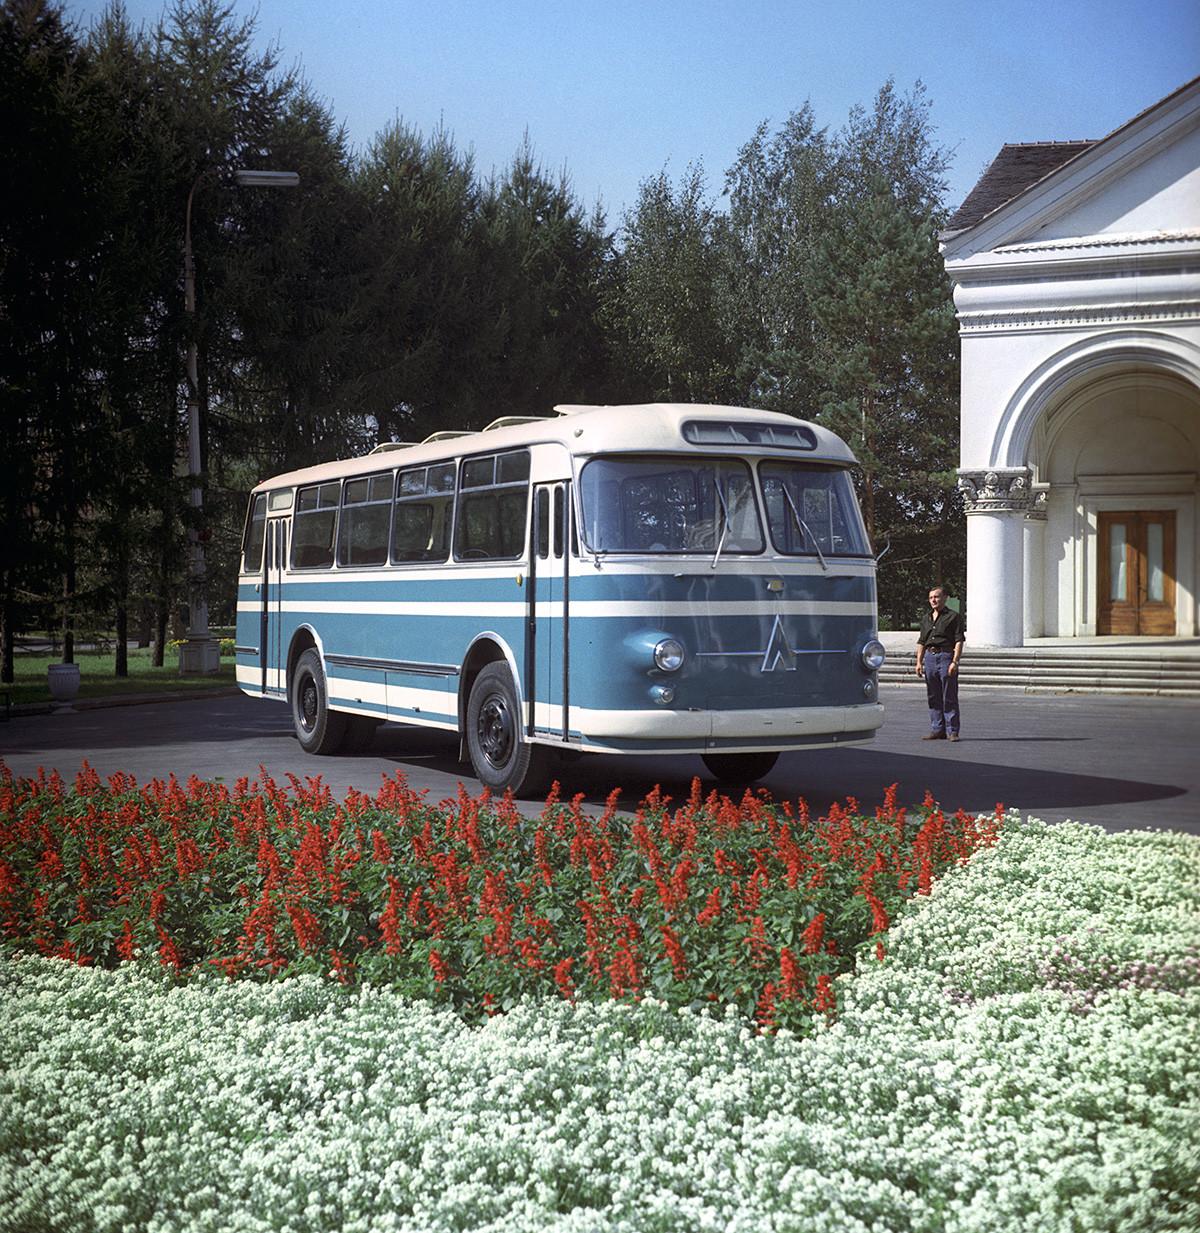 Советский автобус ЛАЗ-697, выпускаемый Львовским автобусным заводом, 1970